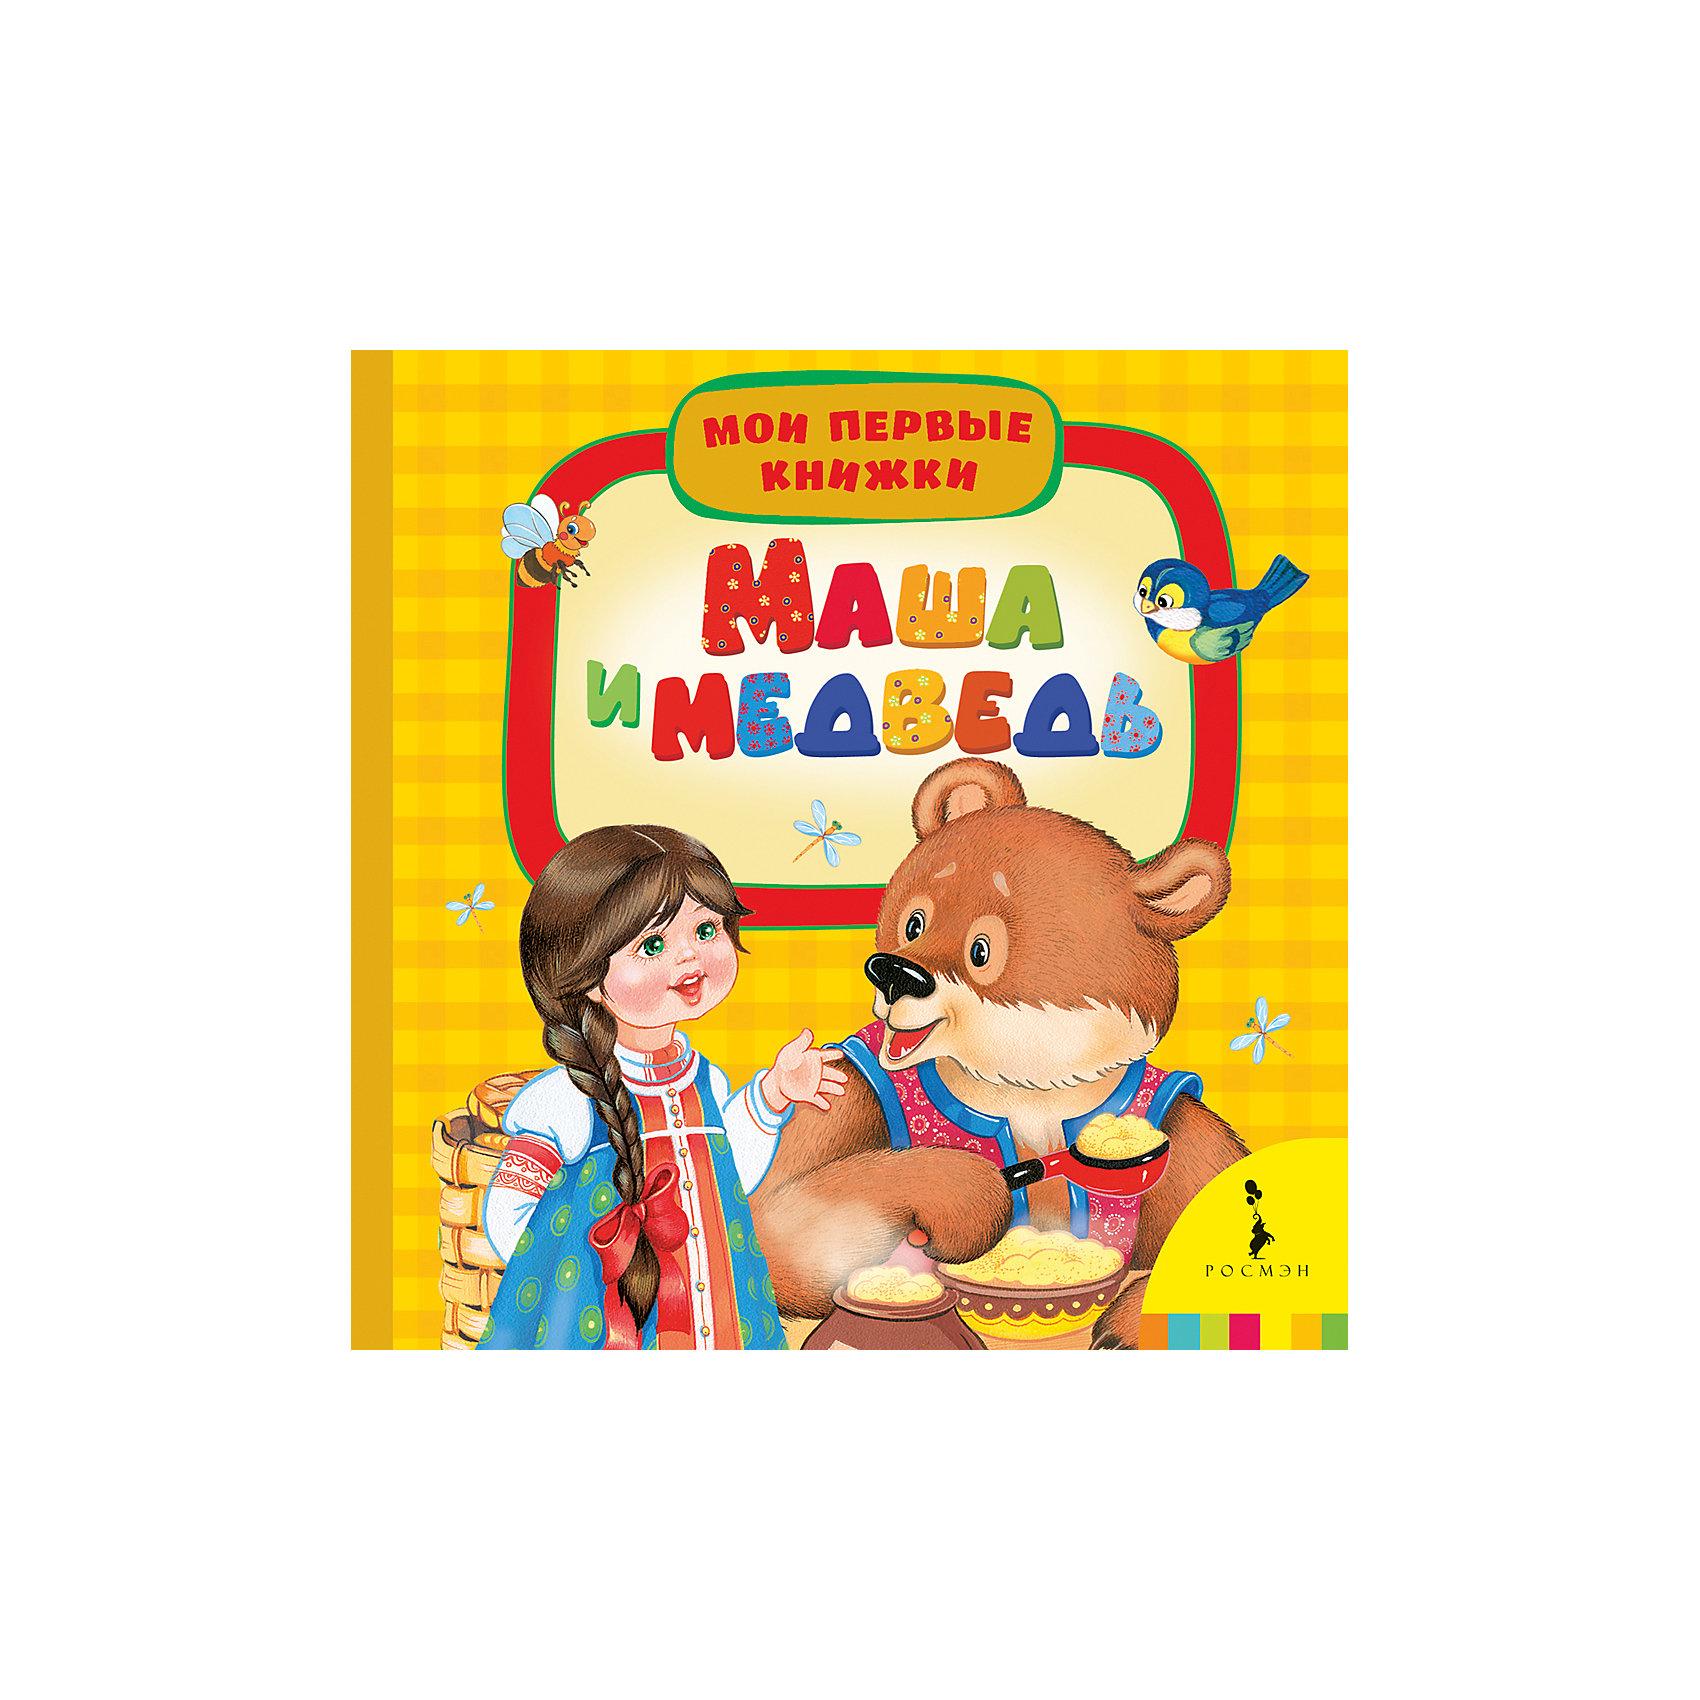 Маша и медведь (Мои первые книжкиХарактеристики товара:<br><br>- цвет: разноцветный;<br>- материал: бумага;<br>- страниц: 14;<br>- формат: 17 х 17 см;<br>- обложка: картон;<br>- для чтения детям. <br><br>Издания серии Мои первые книжки - отличный способ занять ребенка! Эта красочная книга станет отличным подарком для родителей и малыша. Она содержит в себе сказки, стихи, загадки, песенки и потешки, которые так любят дети. Отличный способ привить малышу любовь к чтению!<br>Чтение и рассматривание картинок даже в юном возрасте помогает ребенку развивать память, концентрацию внимания и воображение. Издание произведено из качественных материалов, которые безопасны даже для самых маленьких.<br><br>Издание Маша и медведь (Мои первые книжки) от компании Росмэн можно купить в нашем интернет-магазине.<br><br>Ширина мм: 165<br>Глубина мм: 165<br>Высота мм: 18<br>Вес г: 305<br>Возраст от месяцев: 0<br>Возраст до месяцев: 36<br>Пол: Унисекс<br>Возраст: Детский<br>SKU: 5110081